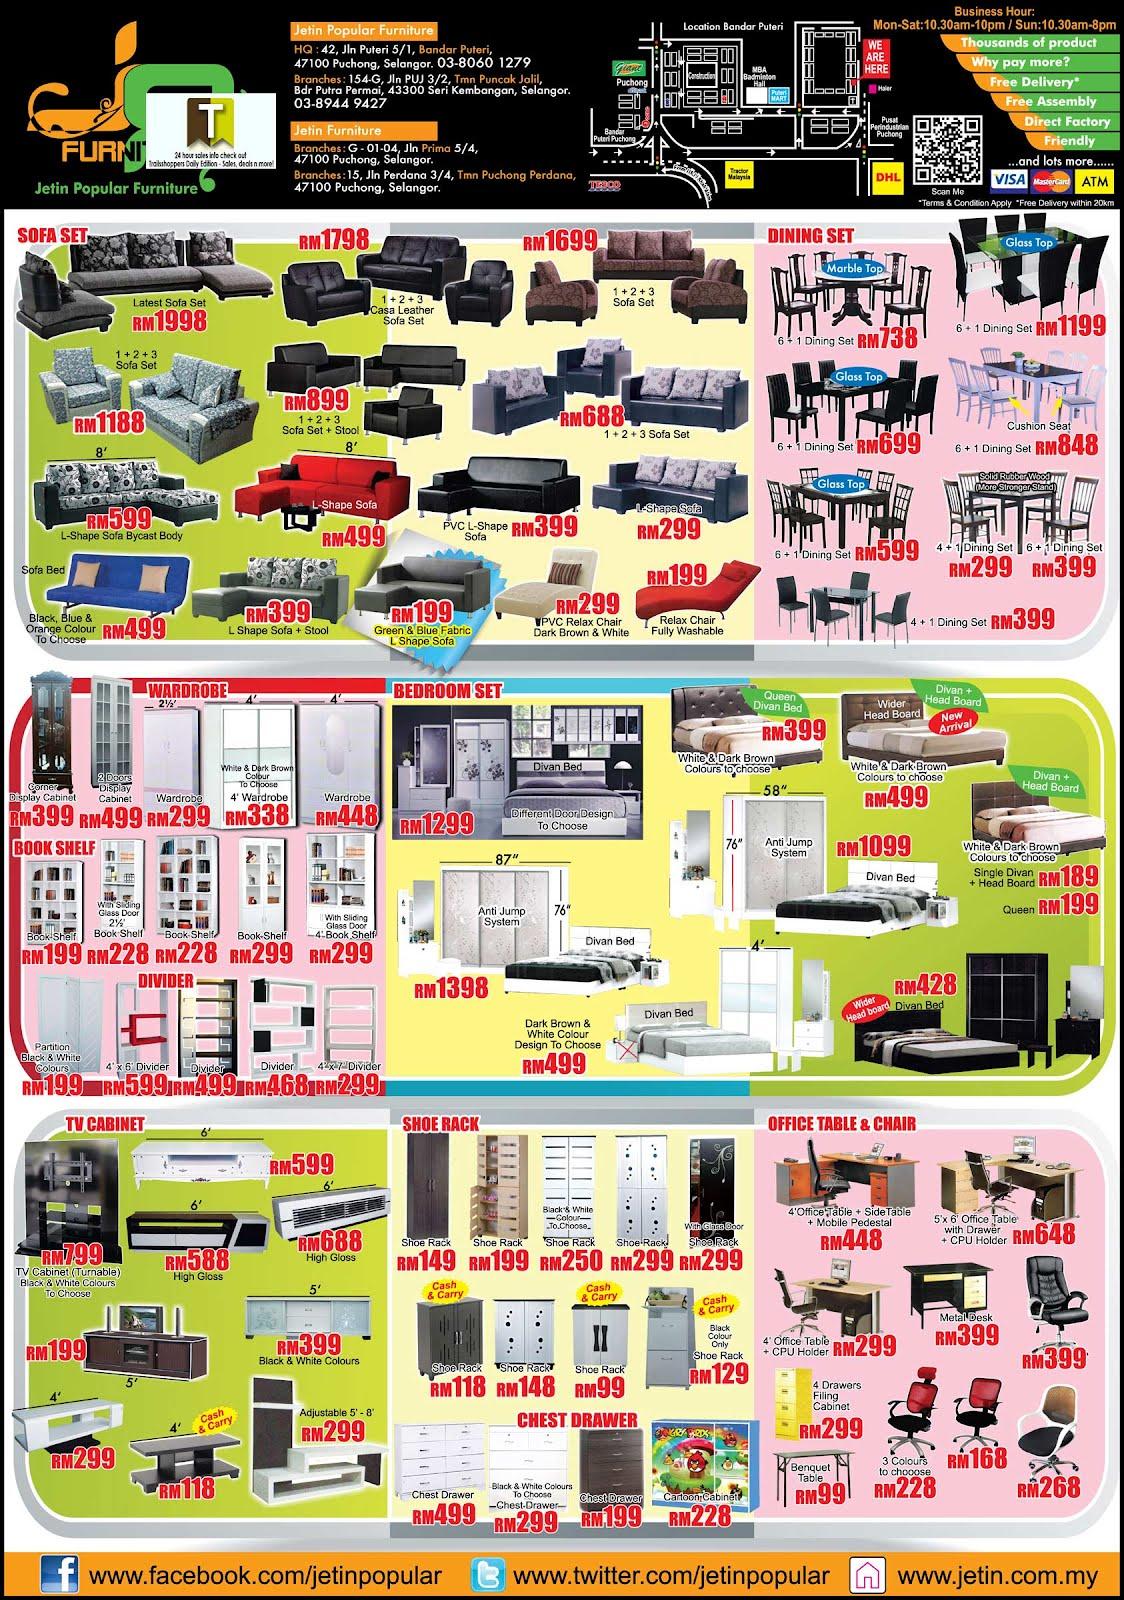 http://4.bp.blogspot.com/-6A03SHwda84/UEcVKtB0ocI/AAAAAAAARU4/G6hvAVb4hqw/s1600/Jetin-Popular-Furniture-Sale-2012.jpg